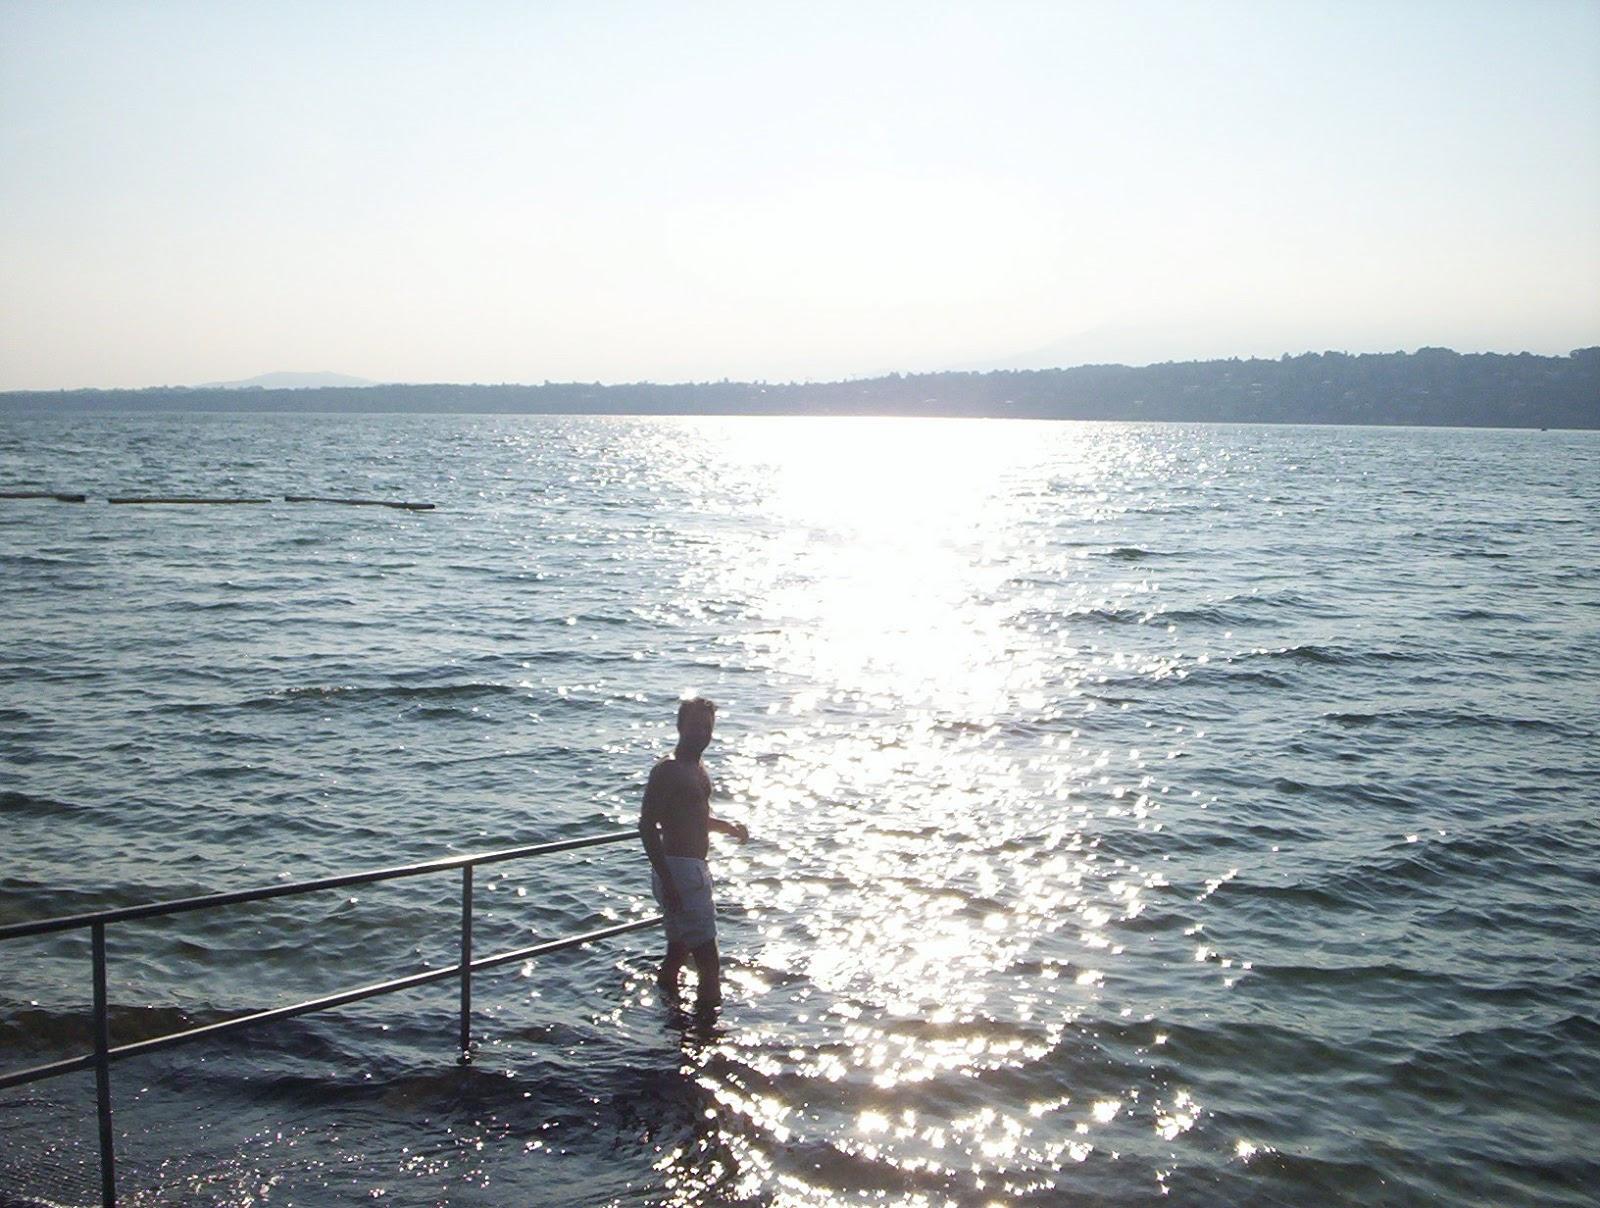 Morning-Swim-Geneva-Switzerland-2006-Sealiberty